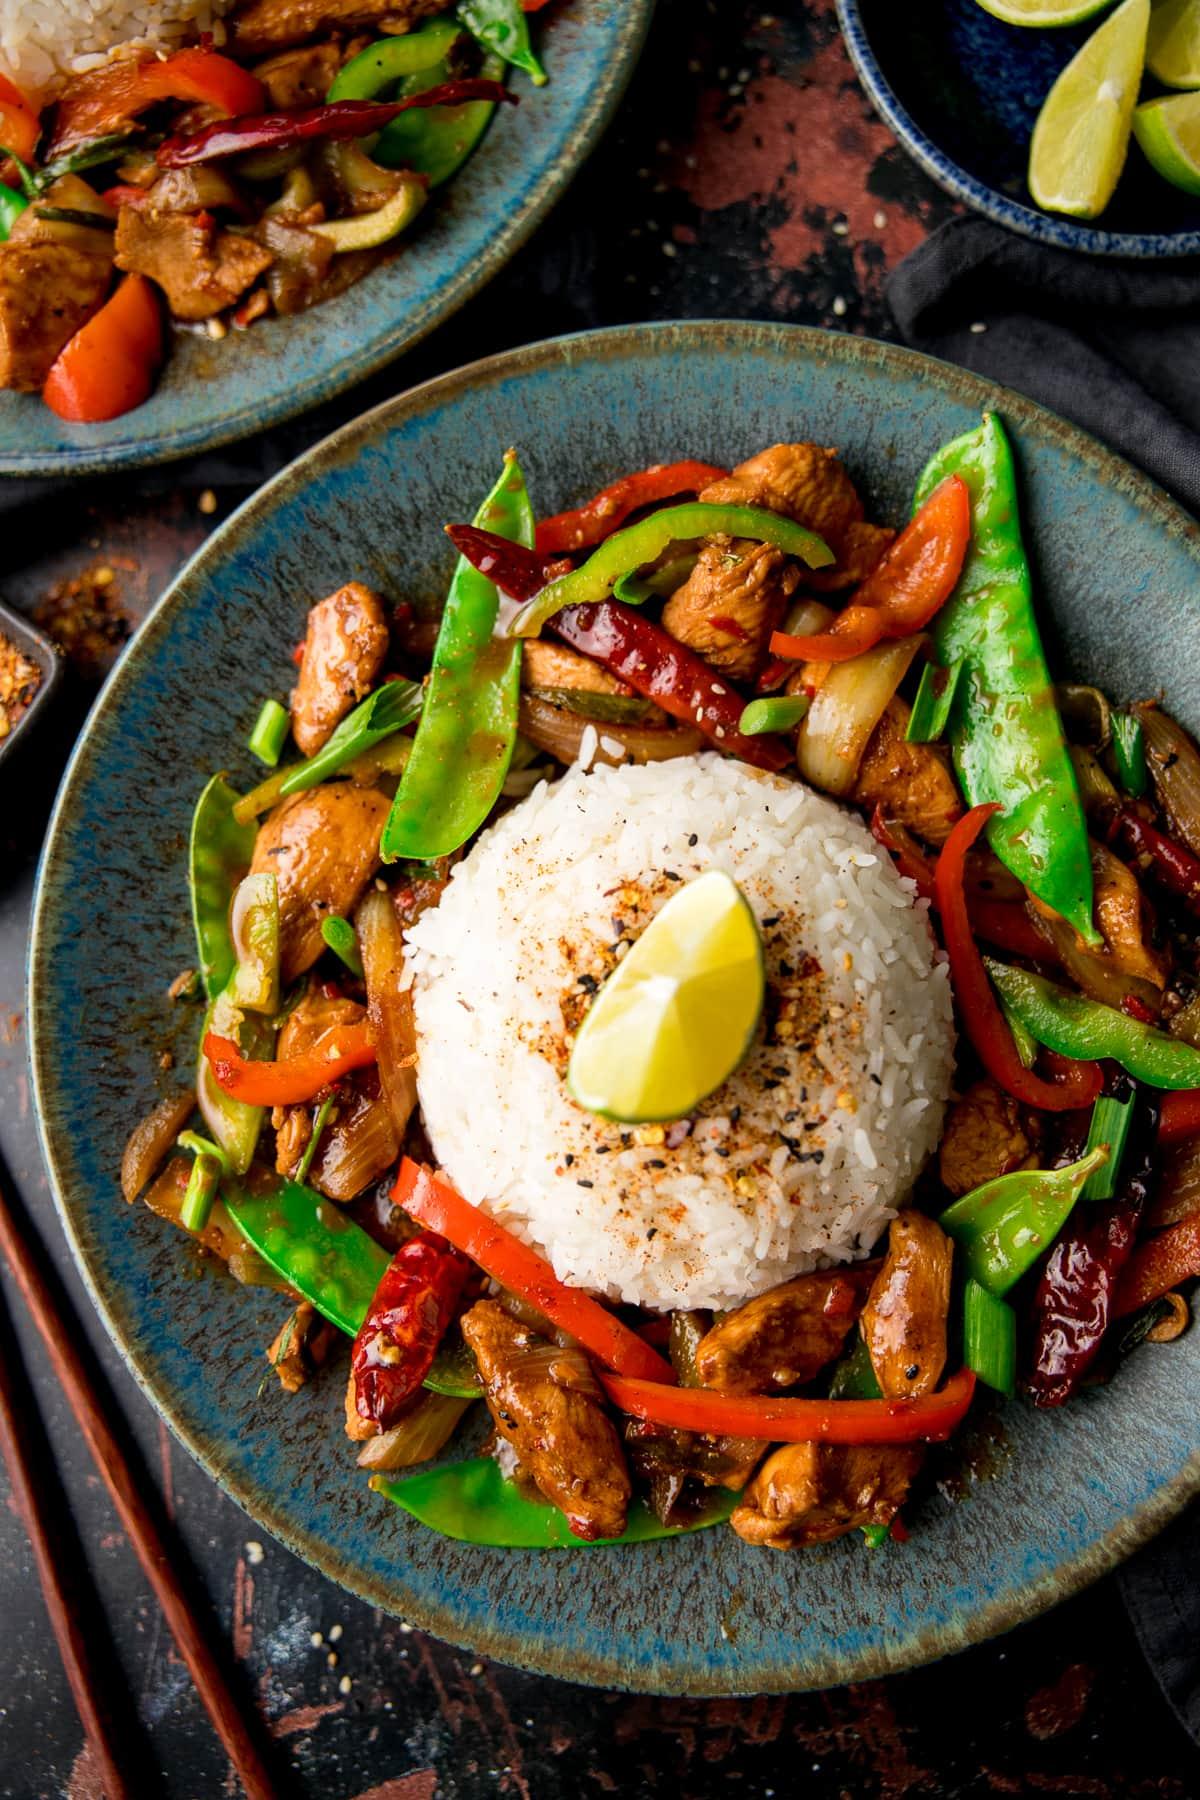 Firecracker chicken stir fry surrounding a mound of rice on a blue plate